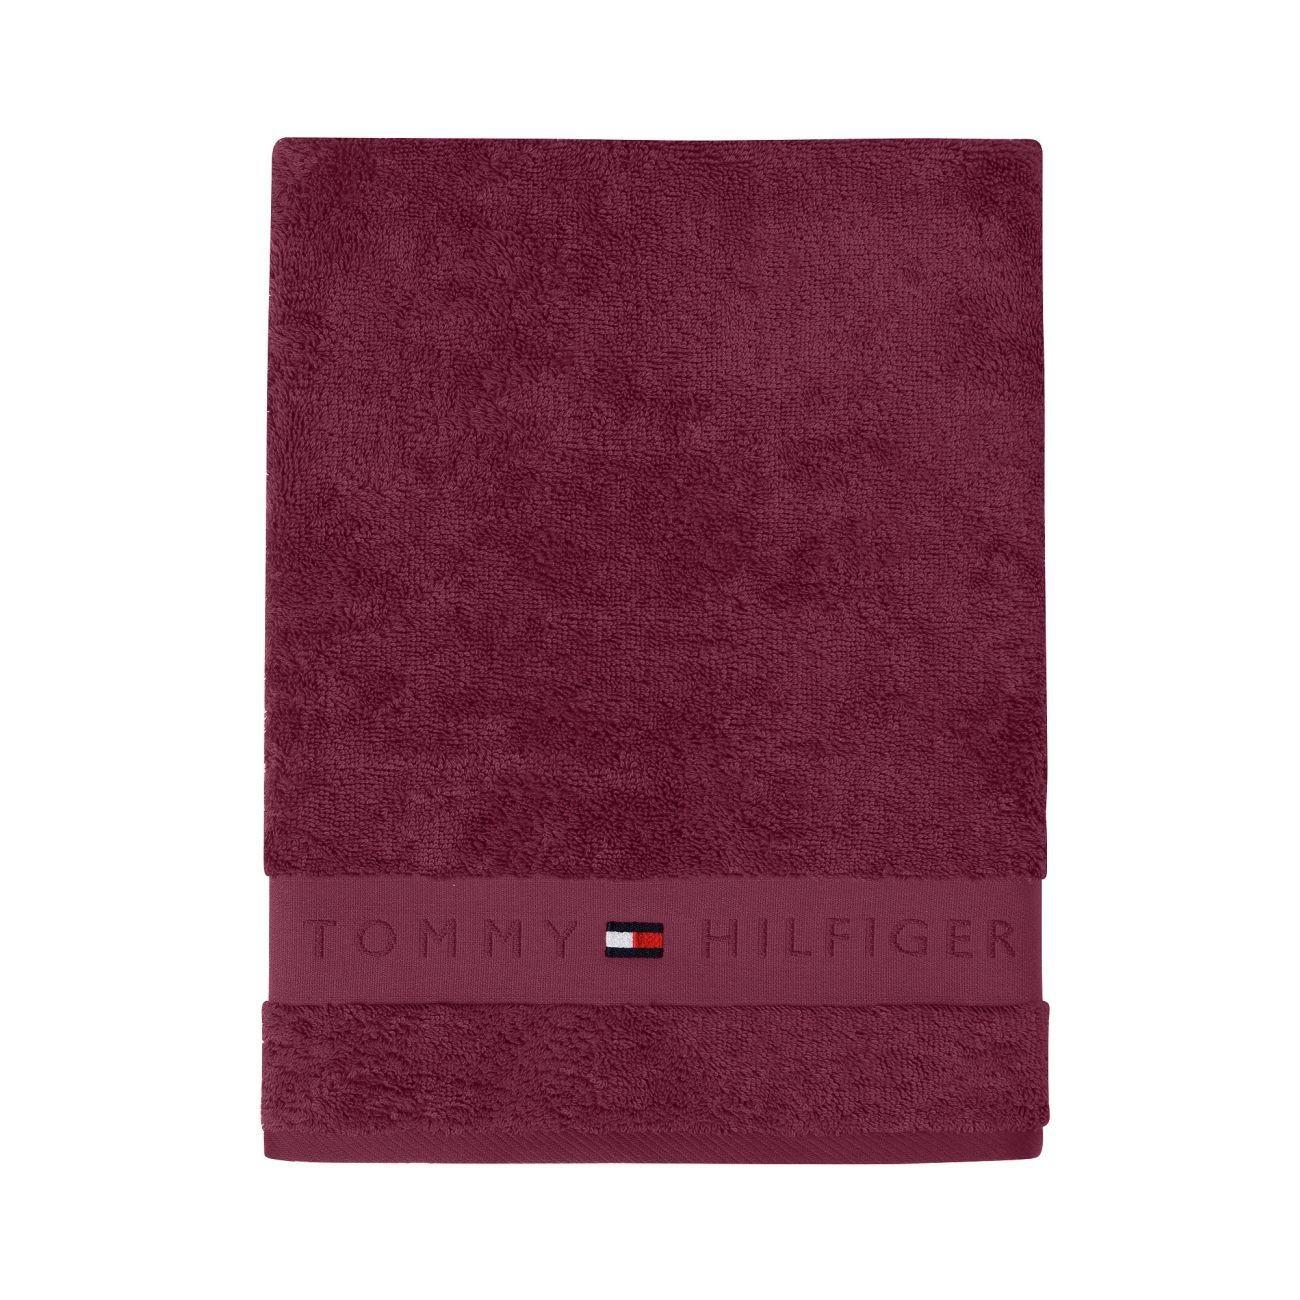 tommy hilfiger legend 2 handtuch online kaufen bei woonio. Black Bedroom Furniture Sets. Home Design Ideas